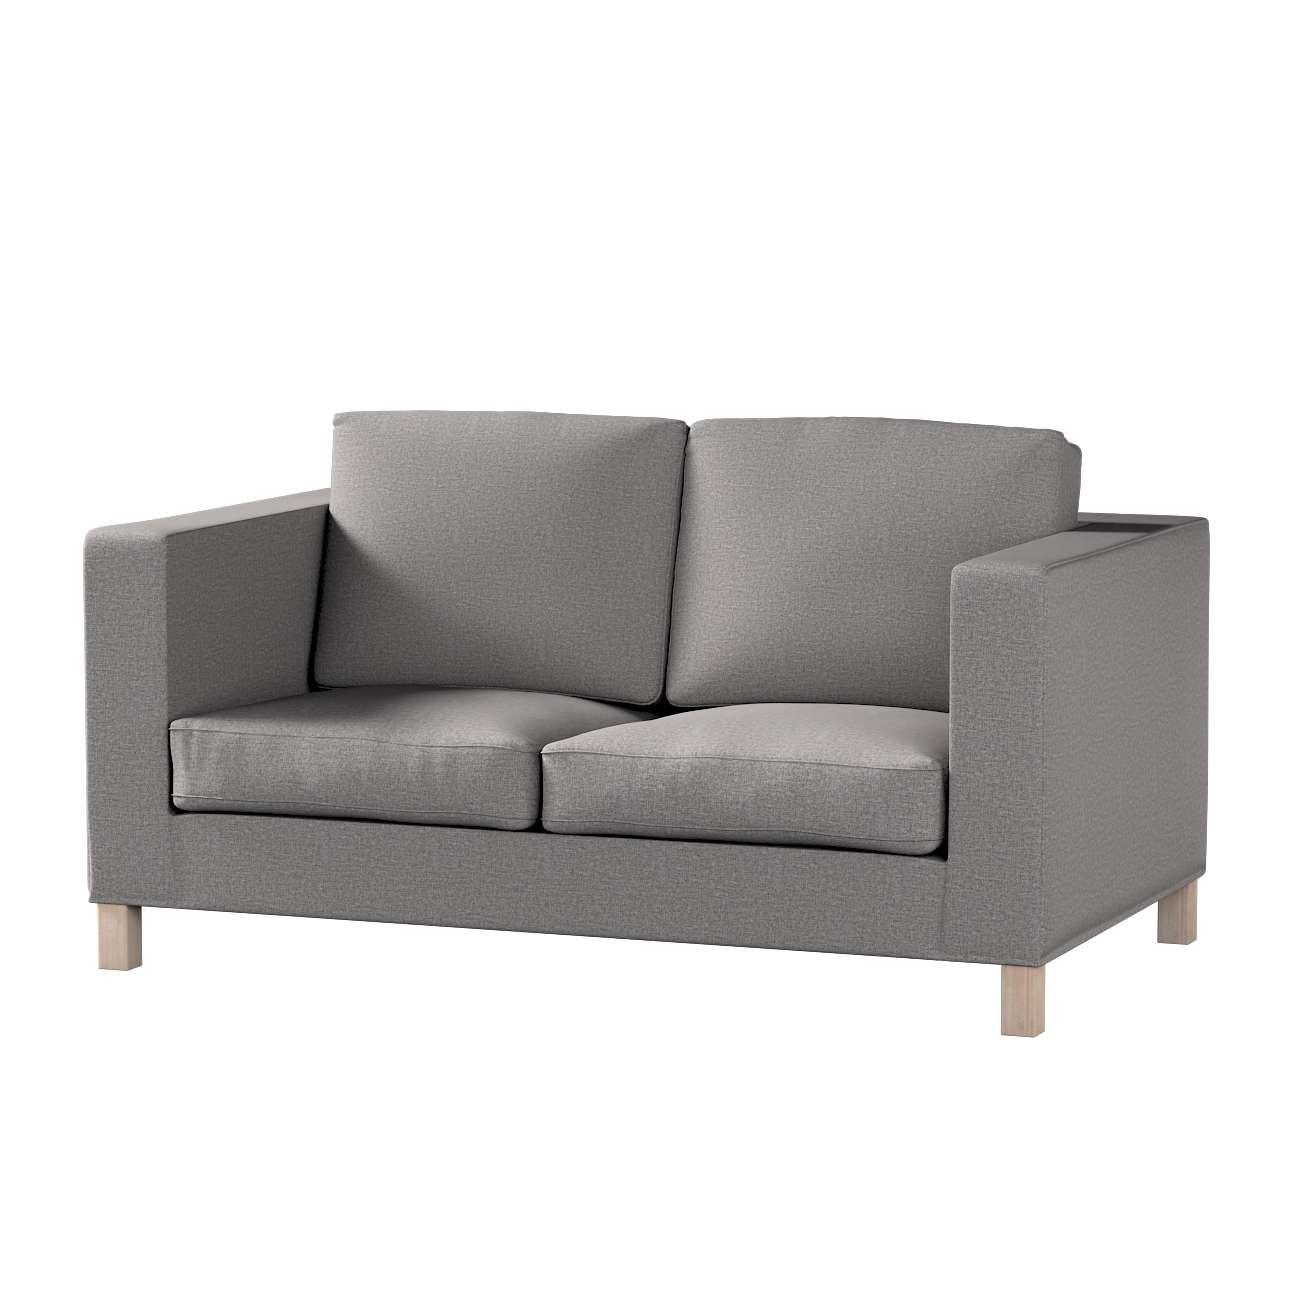 Potah na pohovku IKEA  Karlanda 2-místná, krátký v kolekci Edinburgh, látka: 115-81